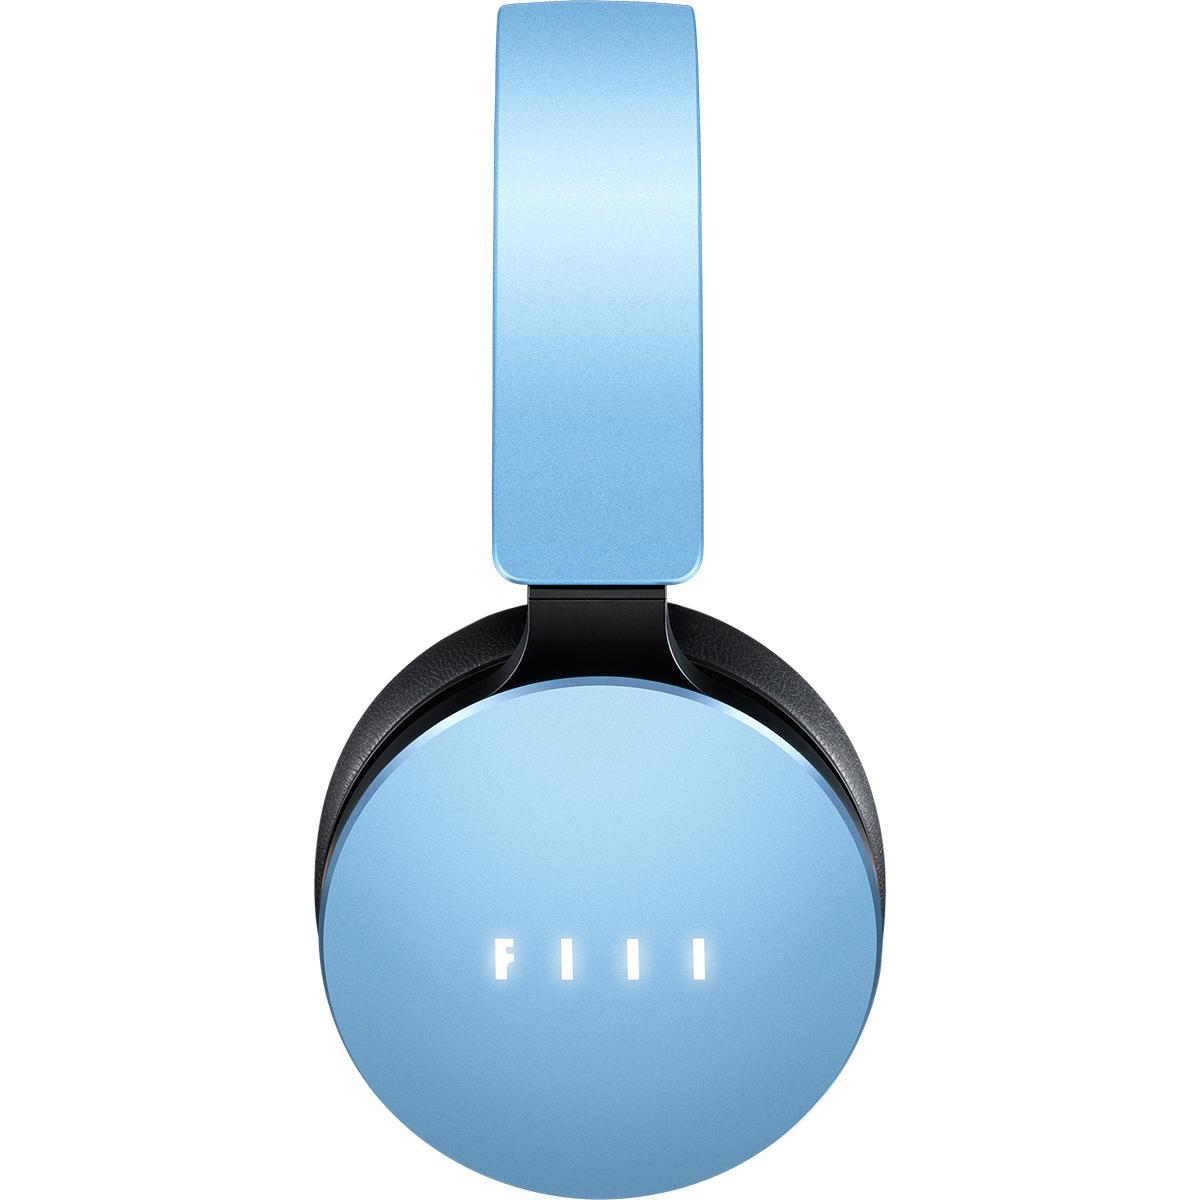 FIIL Wireless Aqua-blue_03